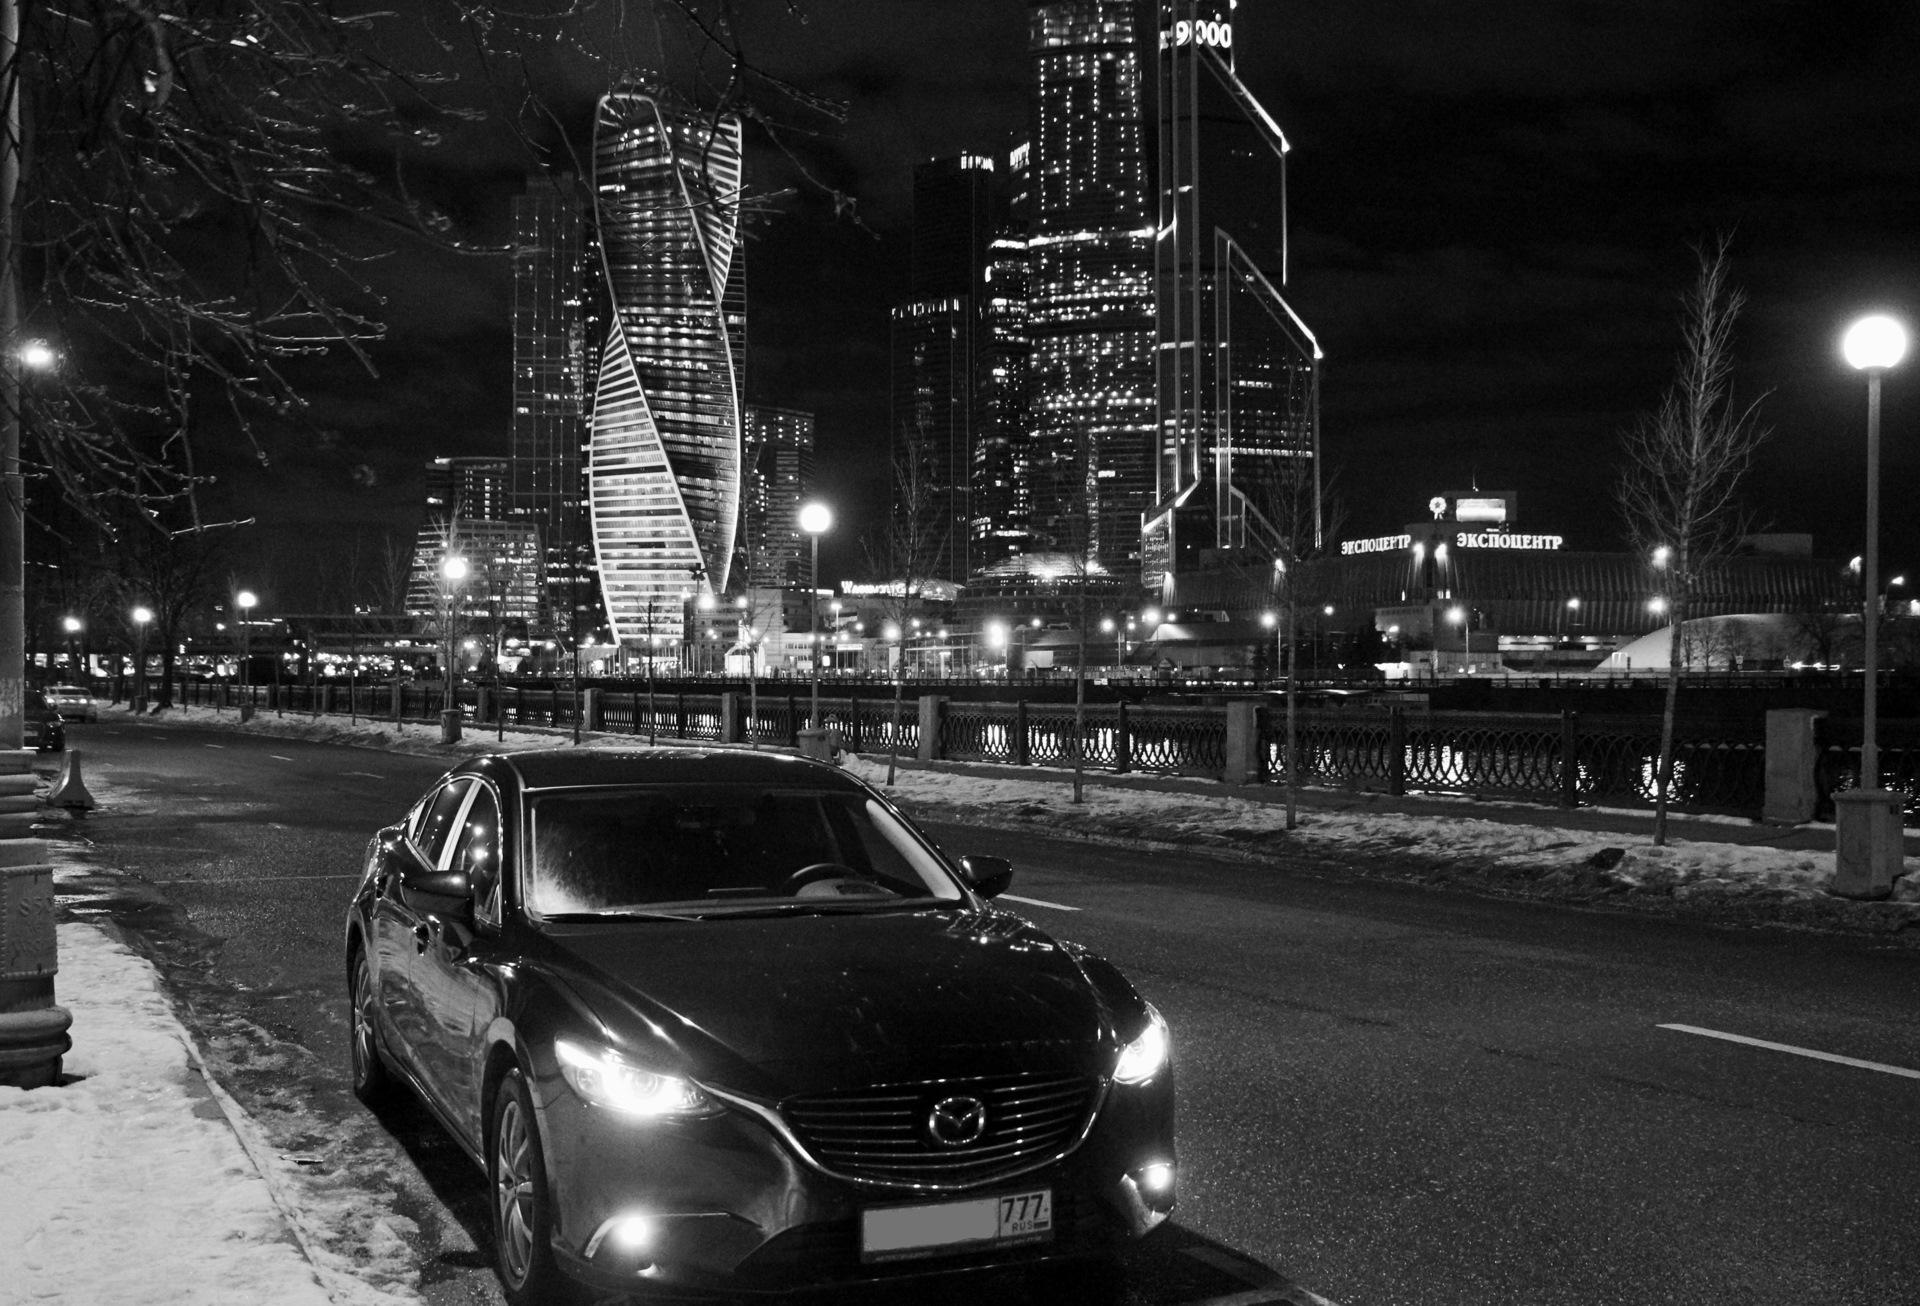 ночная фотосессия в москве для авто будет много фотографий